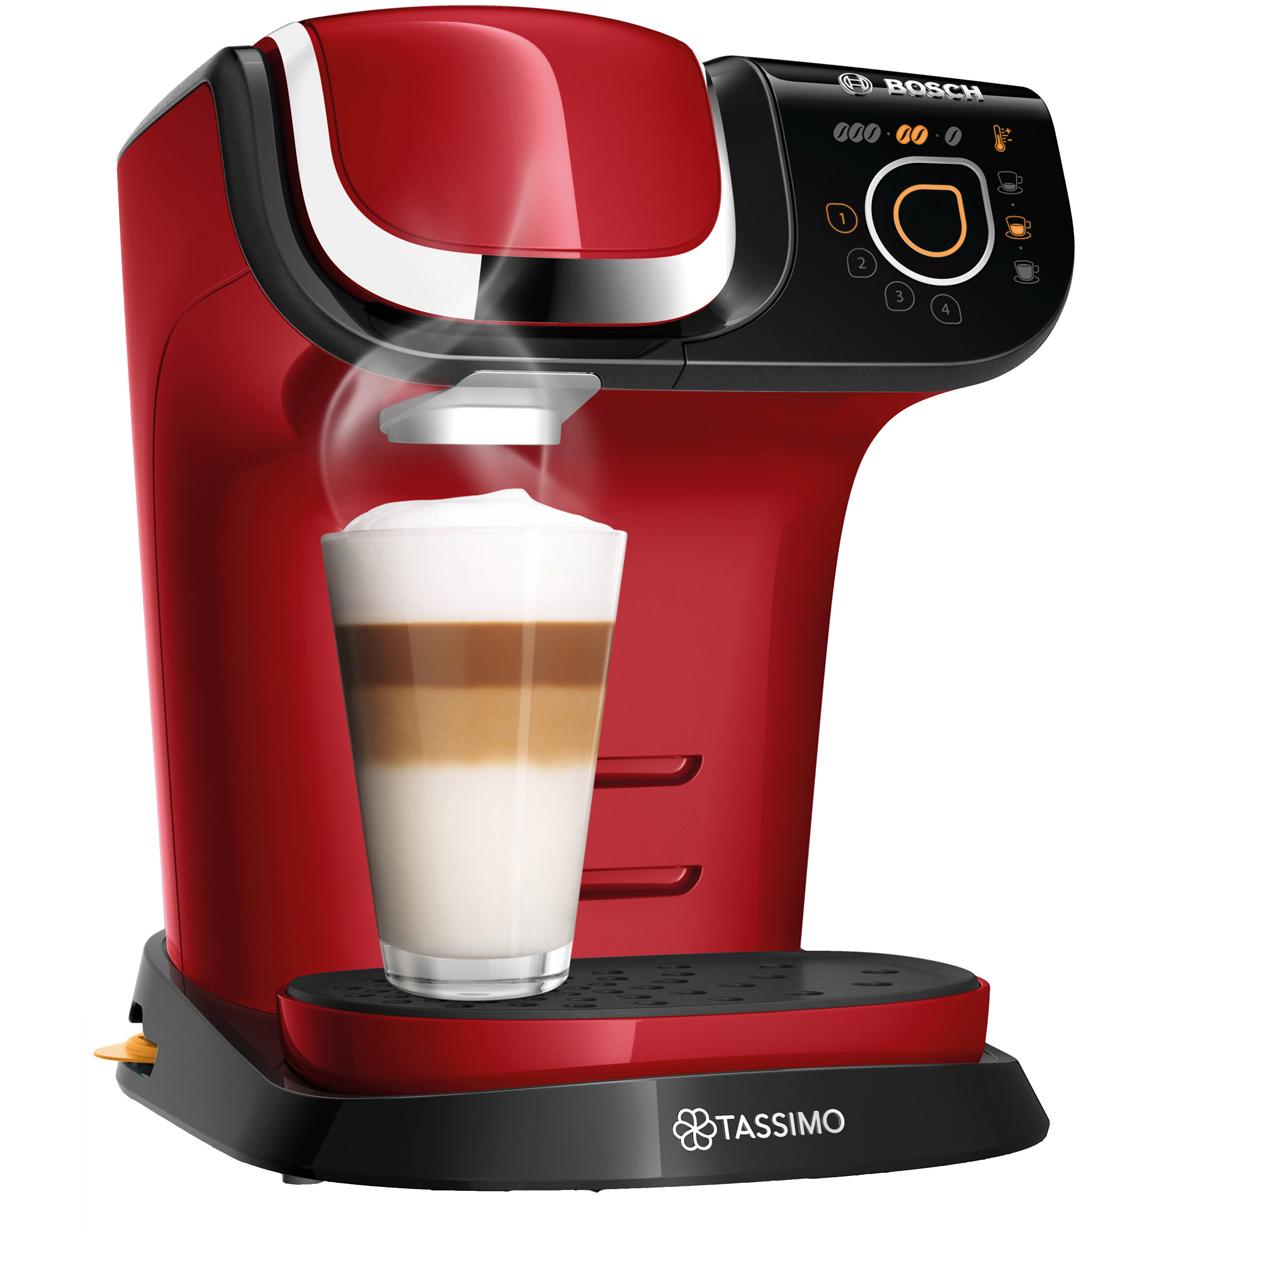 TASSIMO My Way 2 - Hot Drinks Machine - Red TAS6503GB